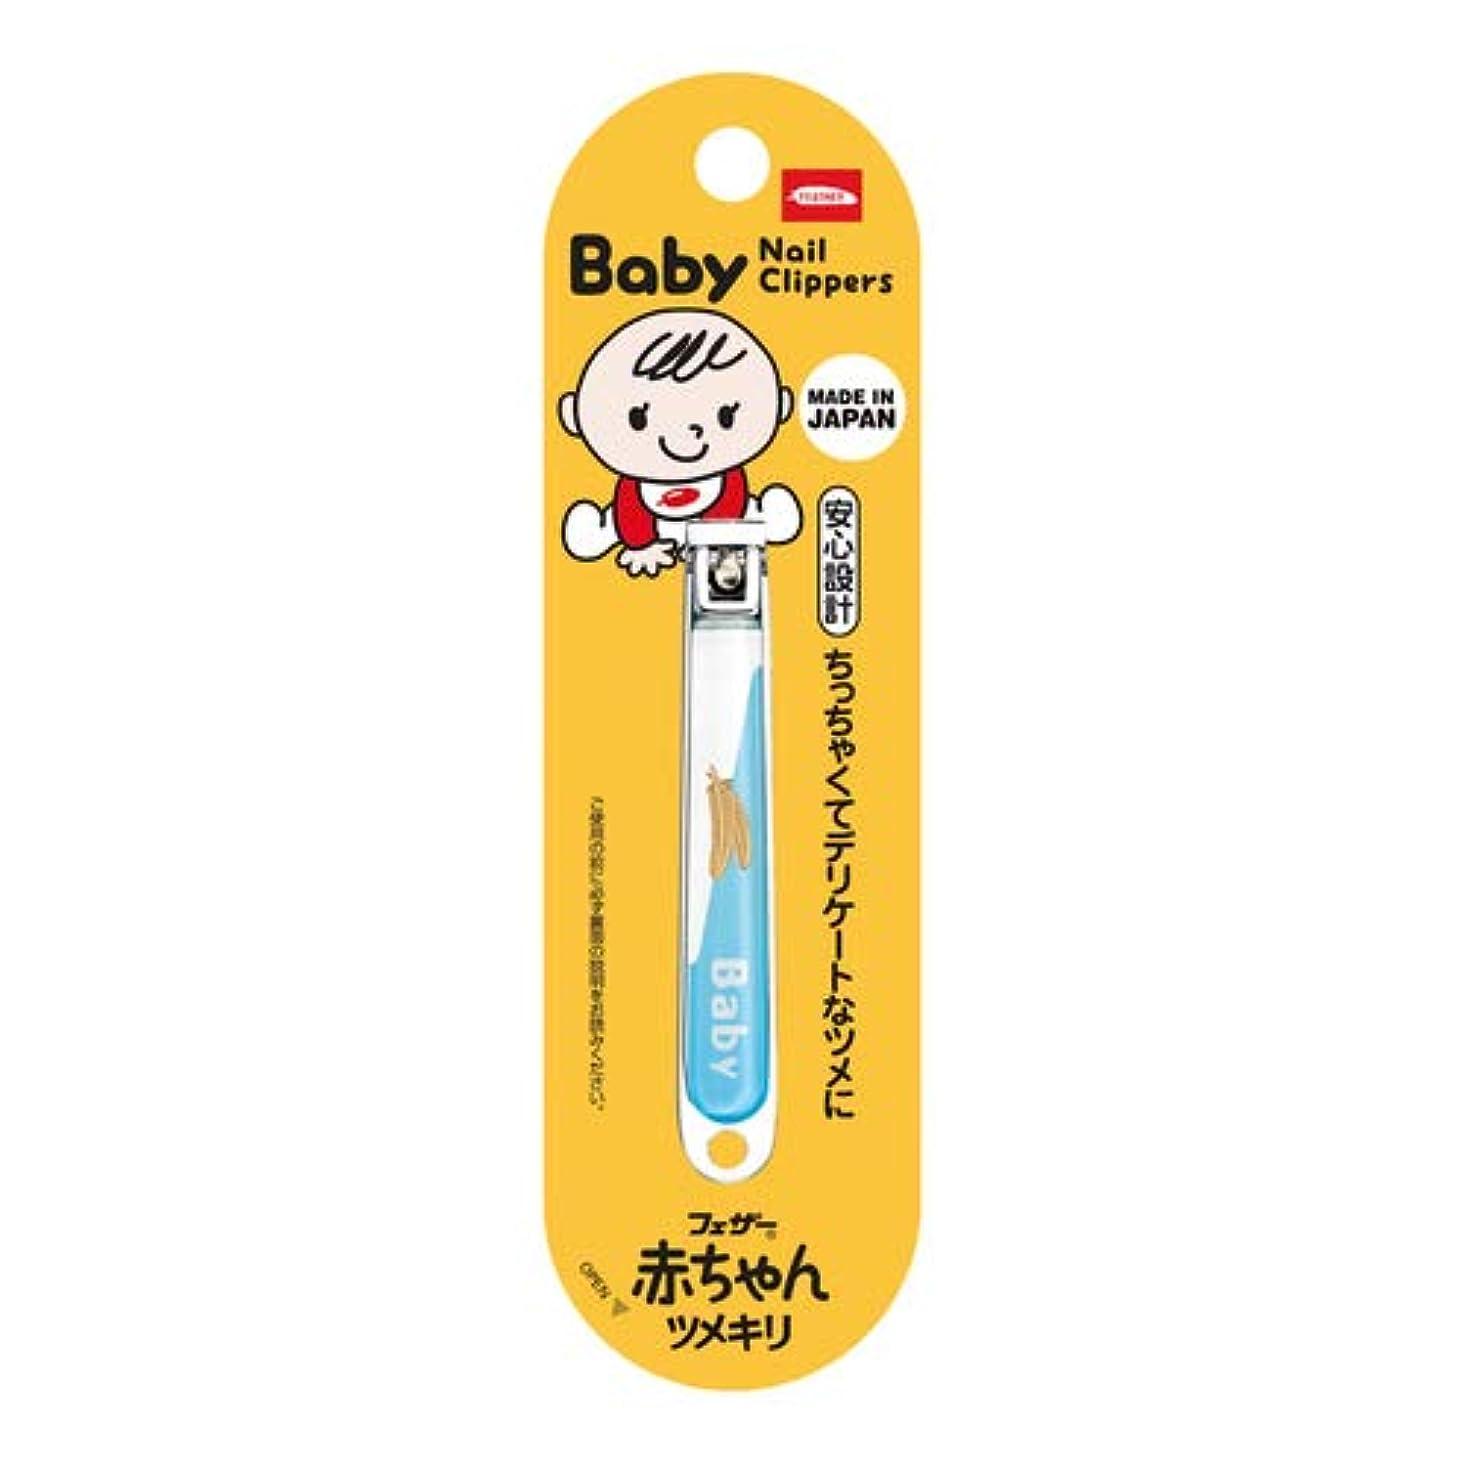 不適当性能コンペフェザー安全剃刀 フェザー赤ちゃんツメキリ 1個 爪切り